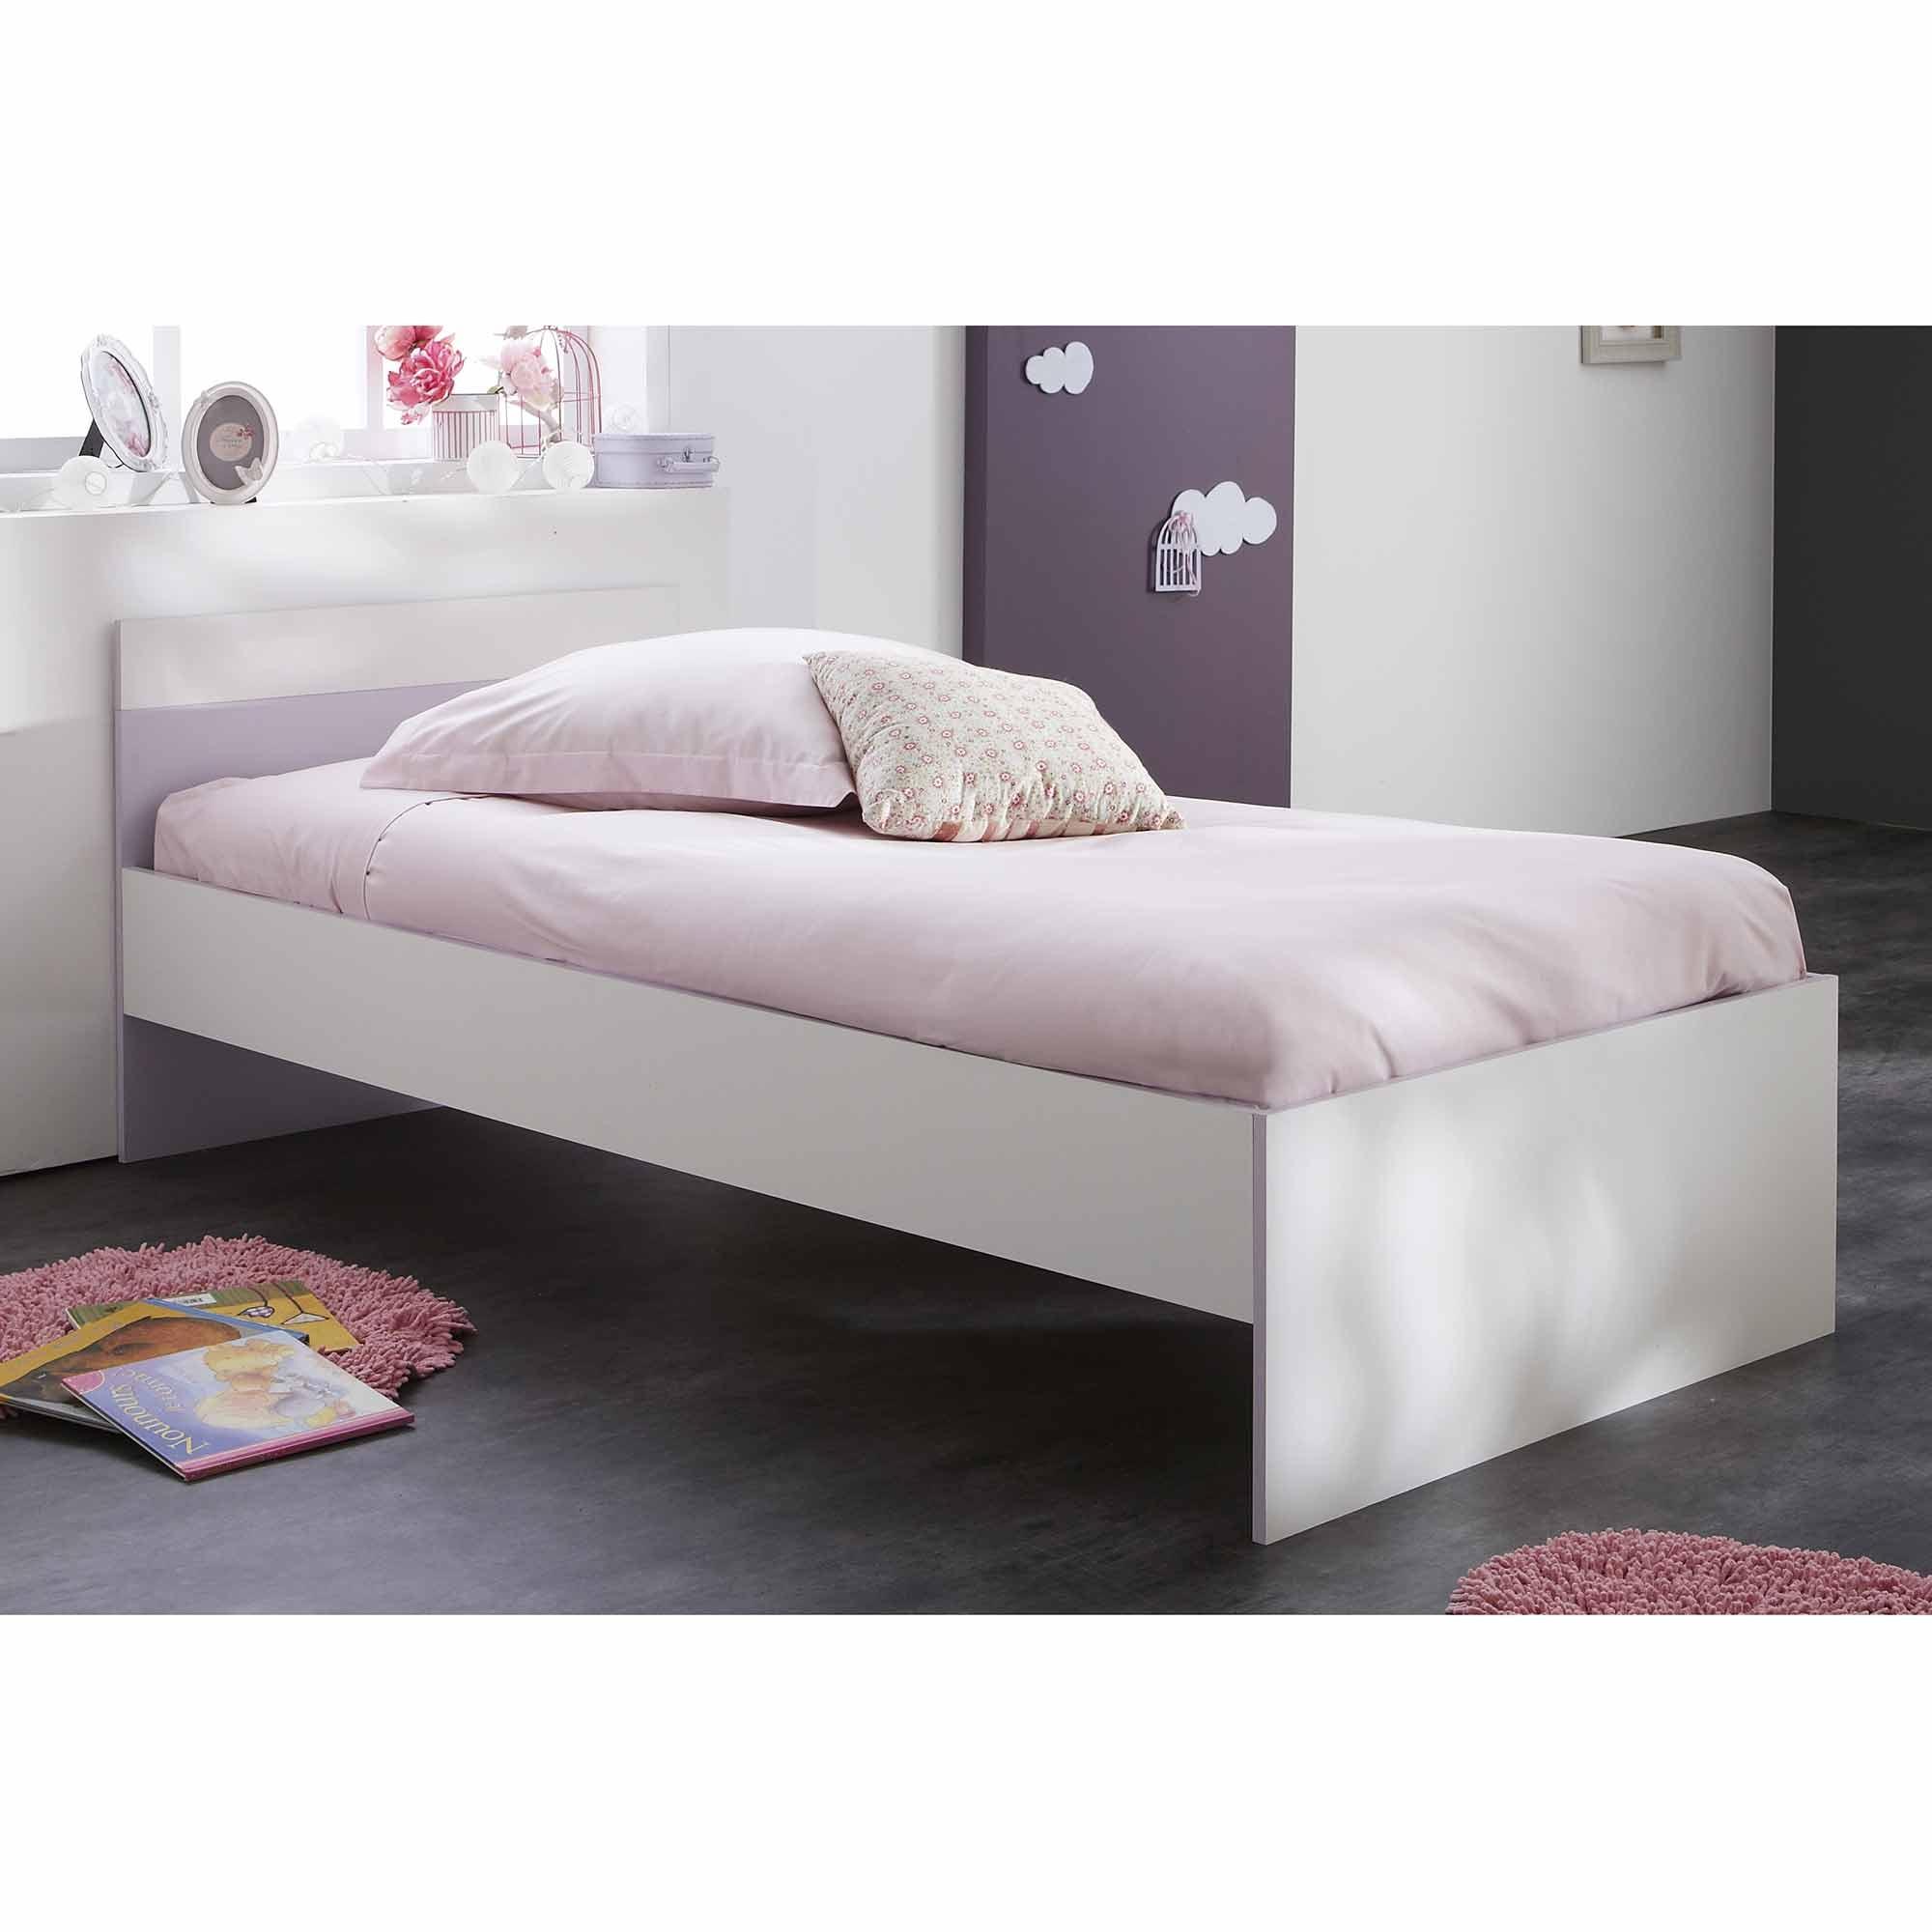 Chambre Parme Et Blanc ~ Meilleures Idées Pour Votre Maison Design ...